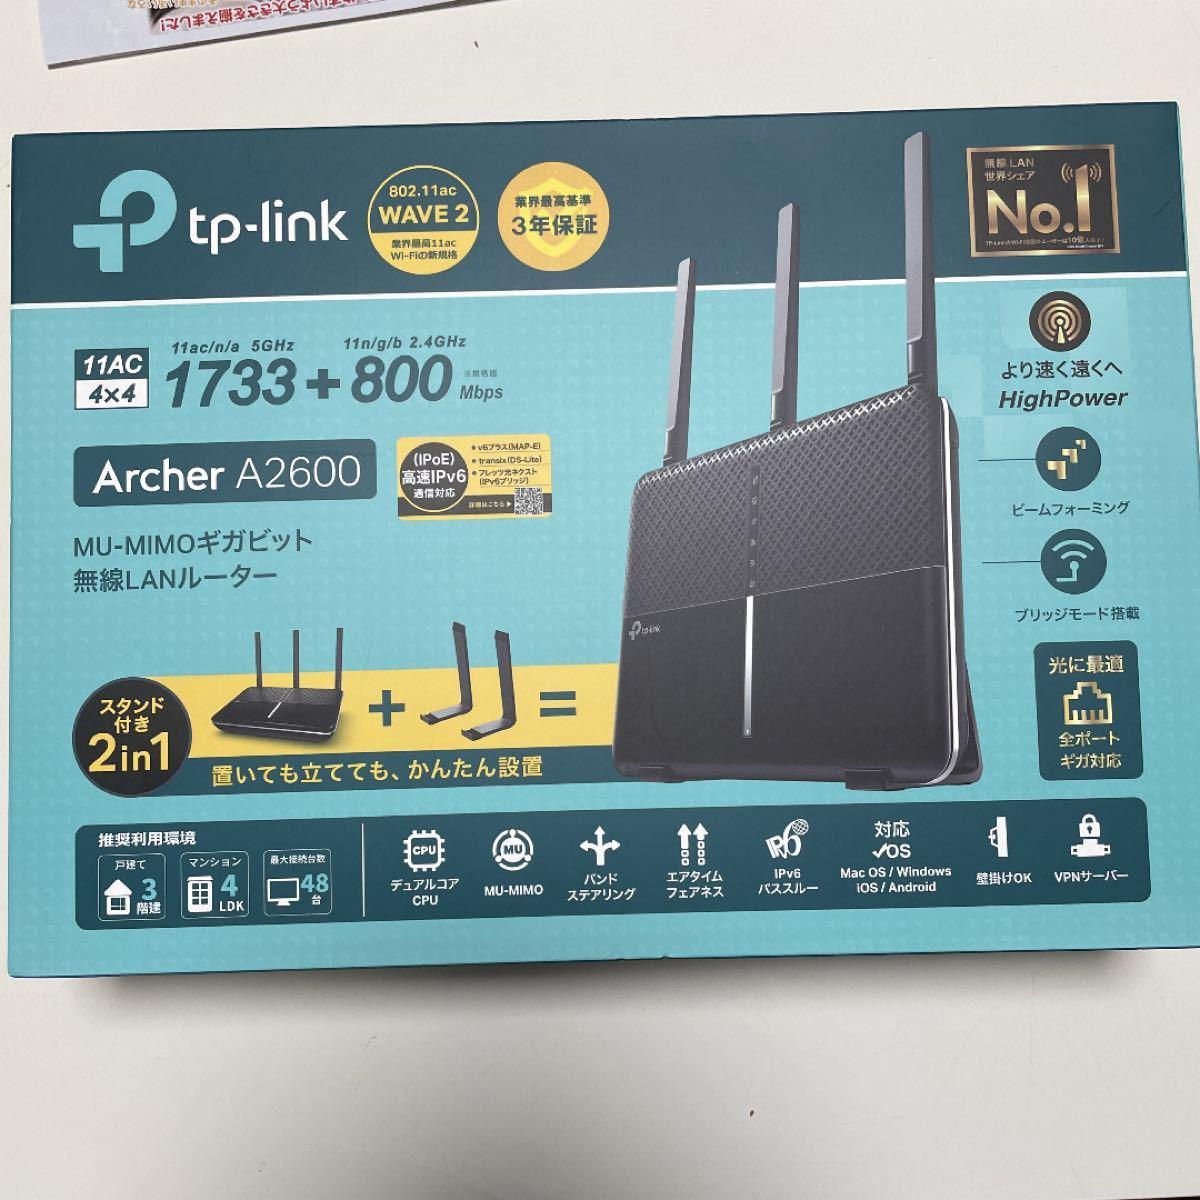 tp-link A2600 アップデート、動作確認済 Wi-Fi IPoE IPv6プラス対応 無線LANルーター Wi-Fi